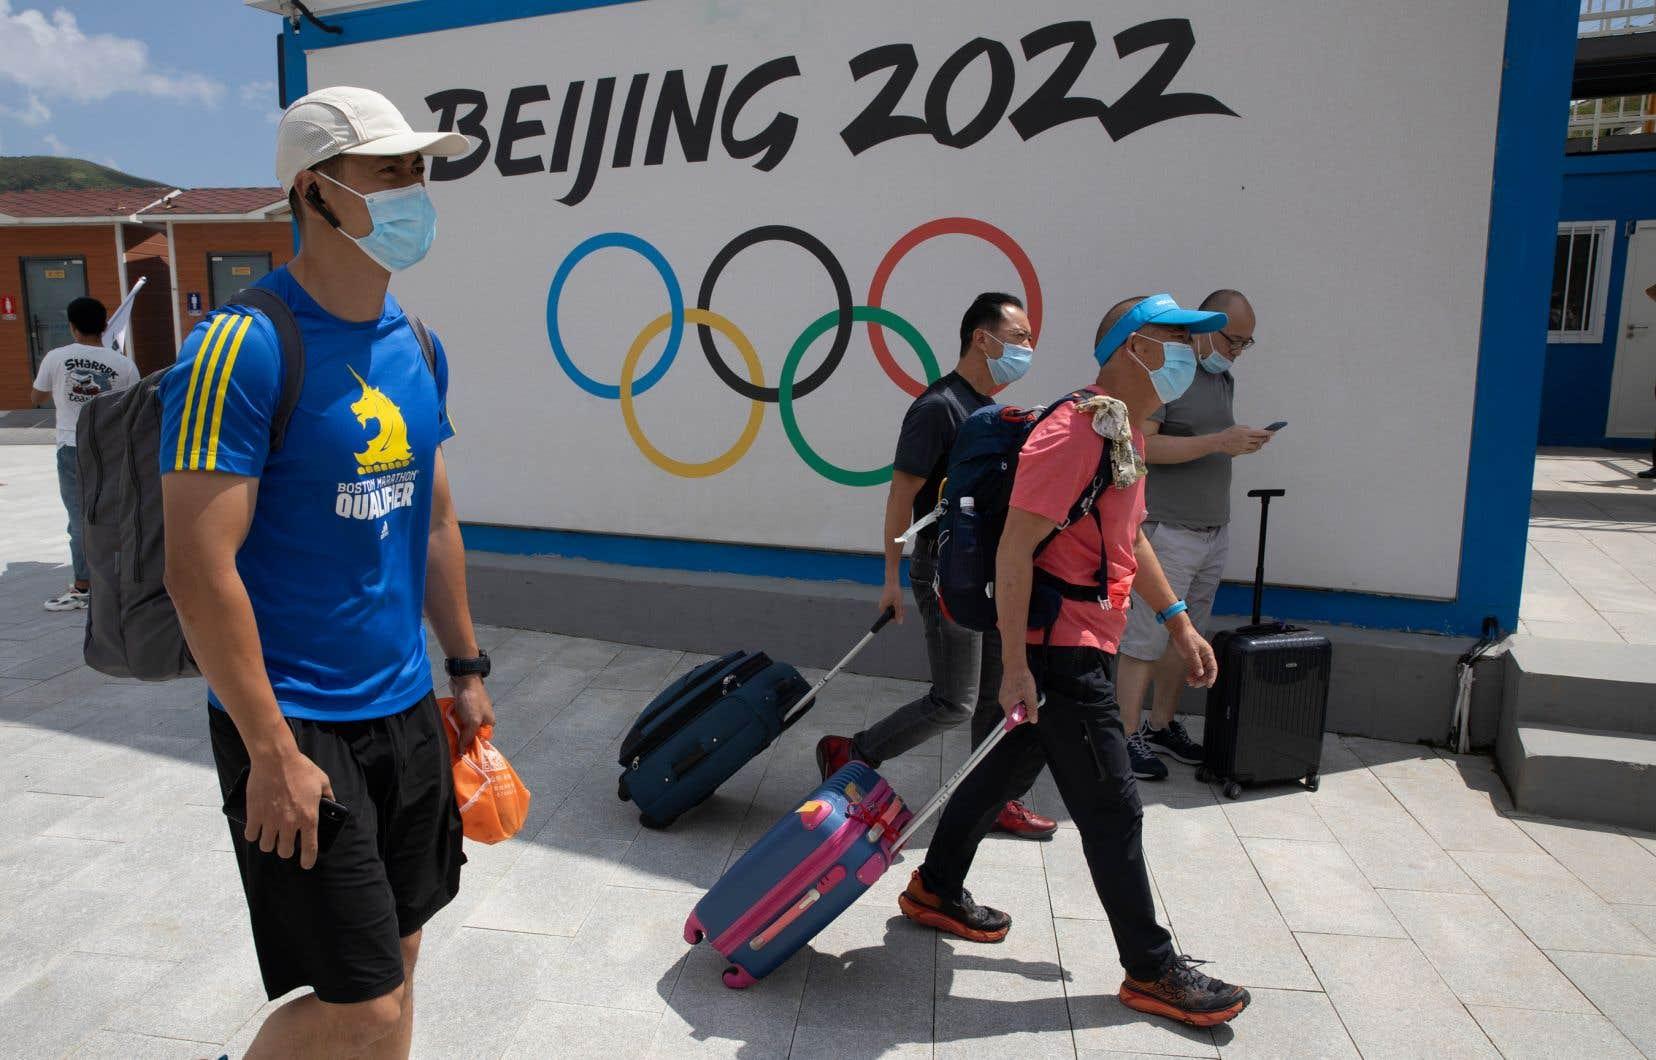 La demande de boycottage survient à la veille d'une audience conjointe au Congrès américain qui doit porter sur les Jeux olympiques de Pékin et le bilan de la Chine en matière des droits de la personne.